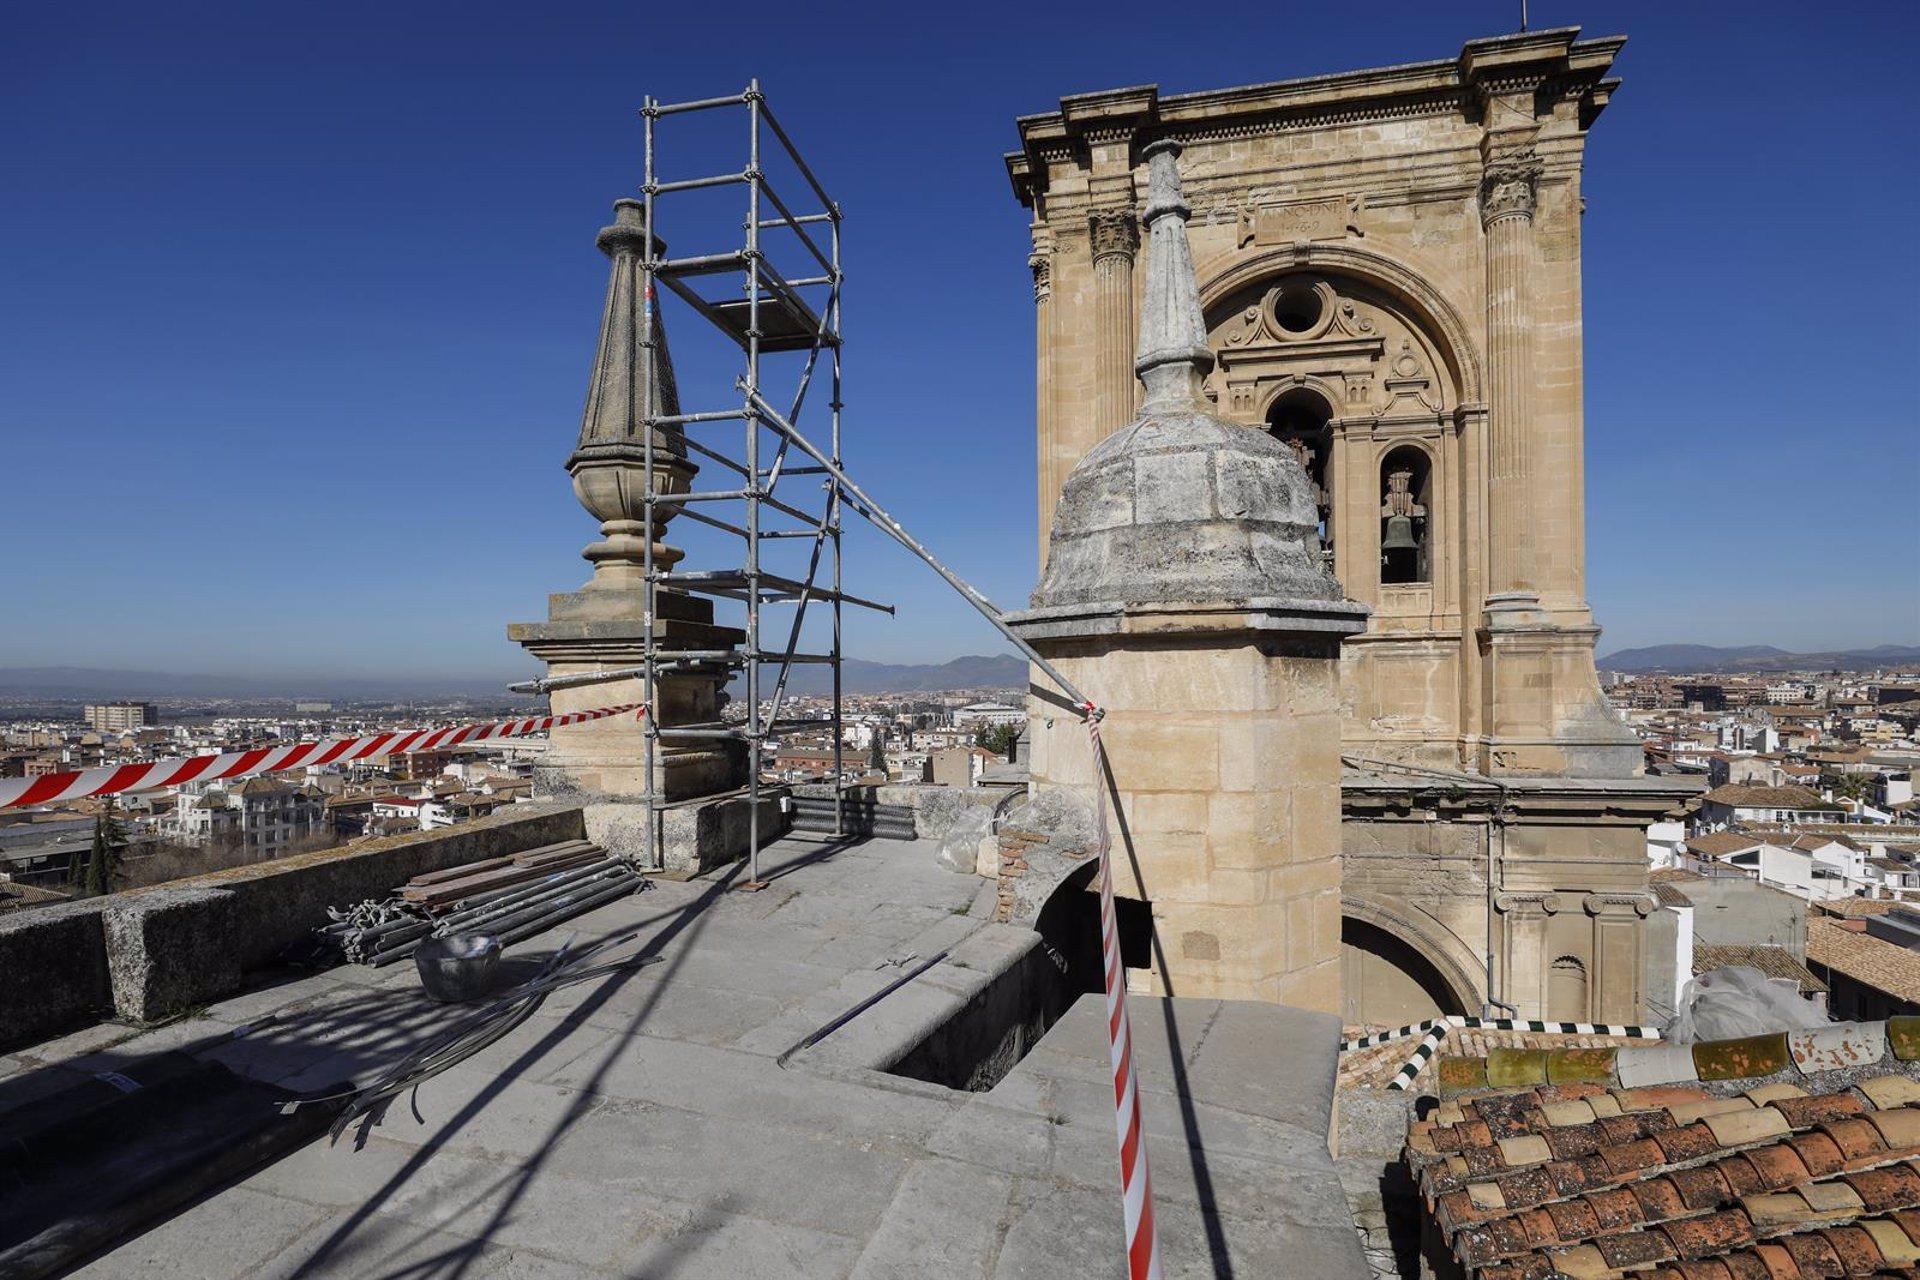 Abierta al paso en Pasiegas la zona de acceso a la Catedral, donde continúan los trabajos tras los terremotos